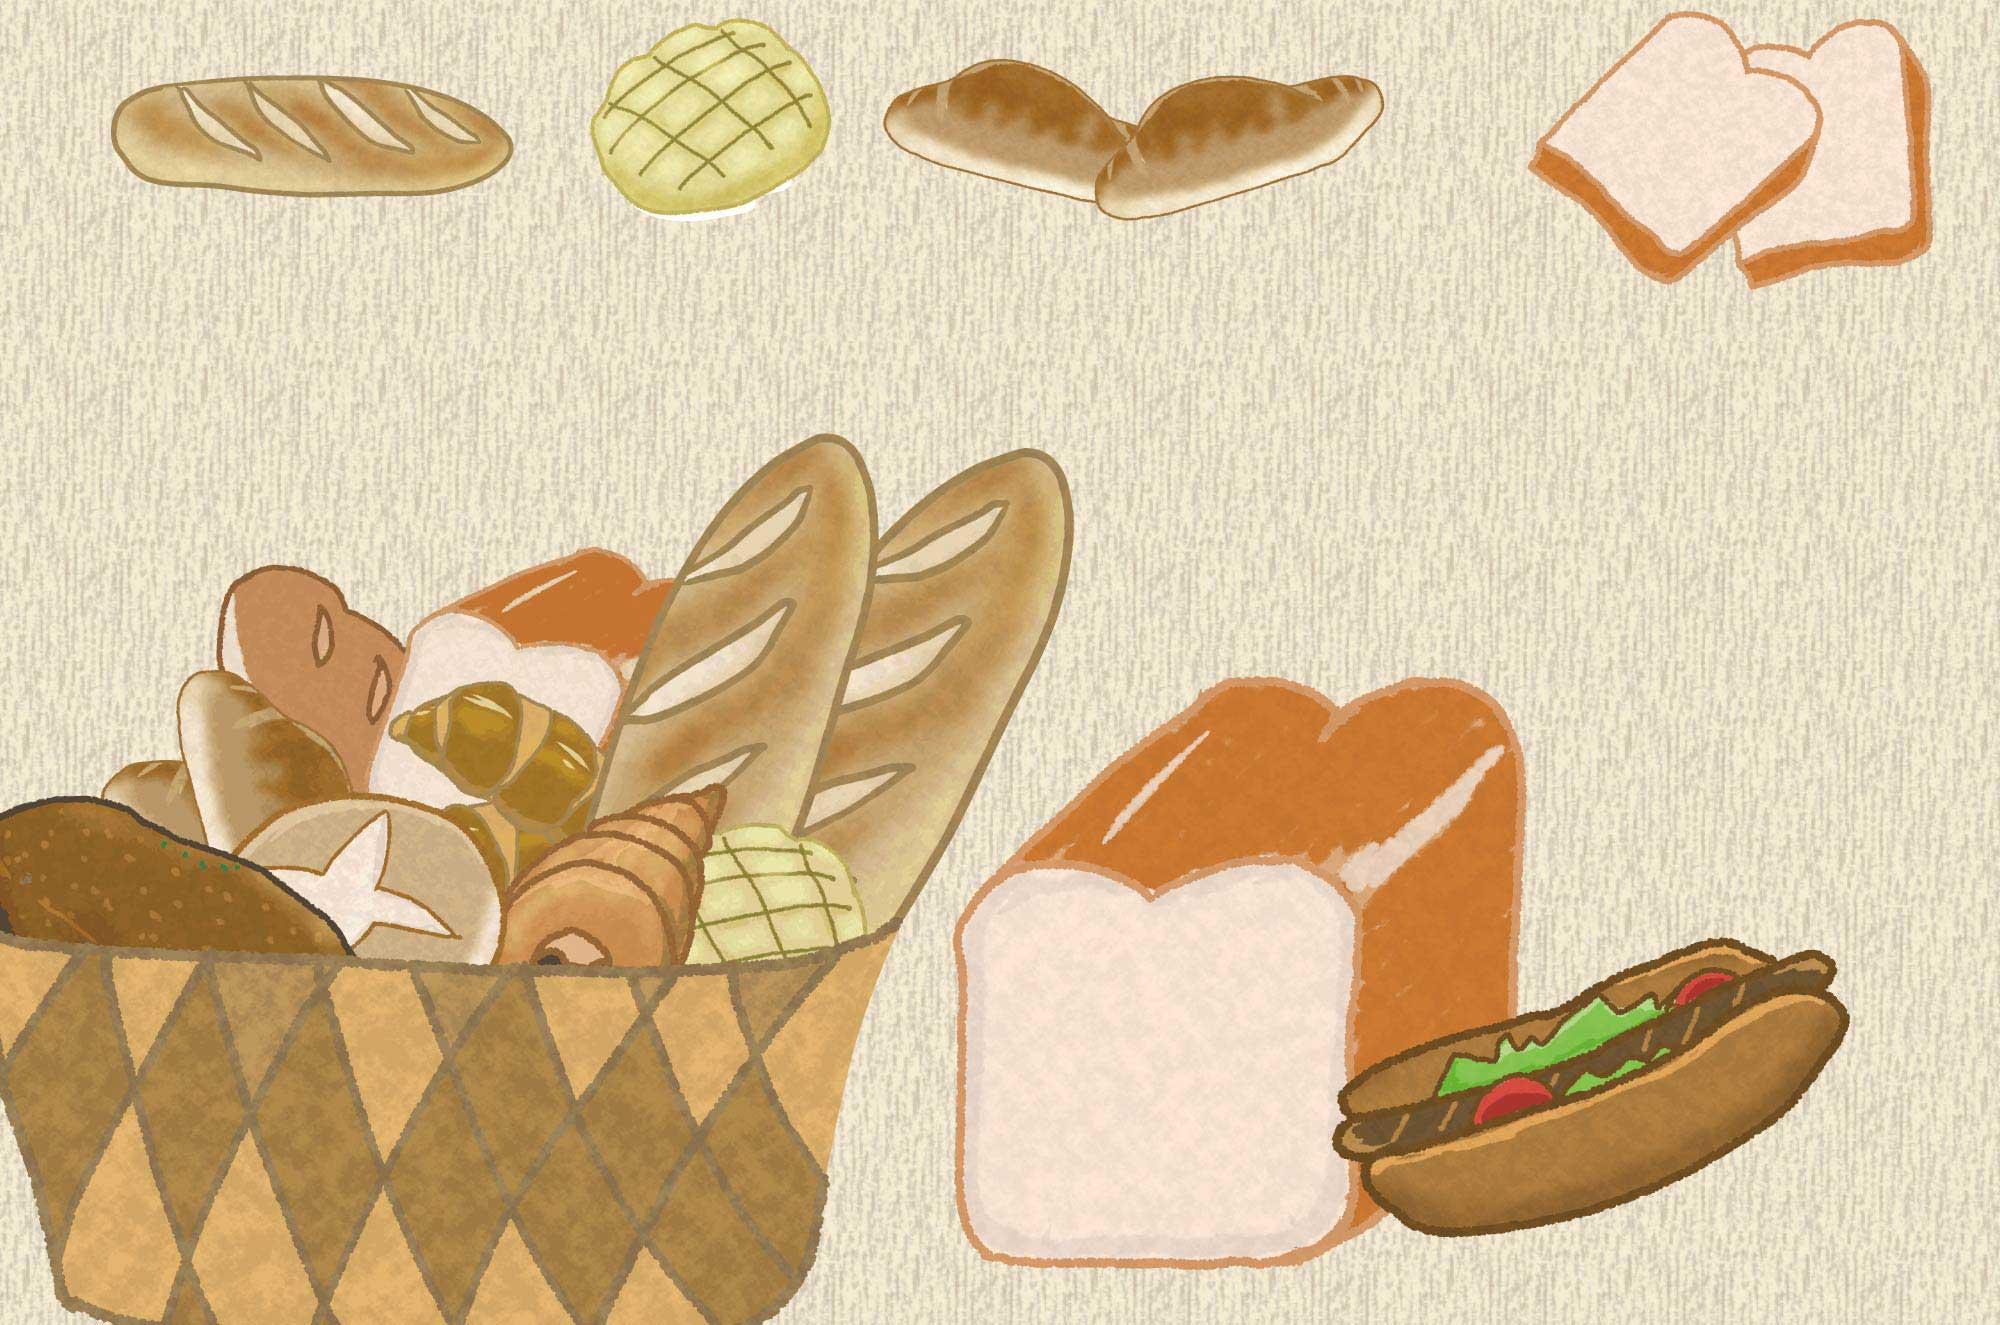 可愛いパンのイラスト - 美味しそうなフリー素材